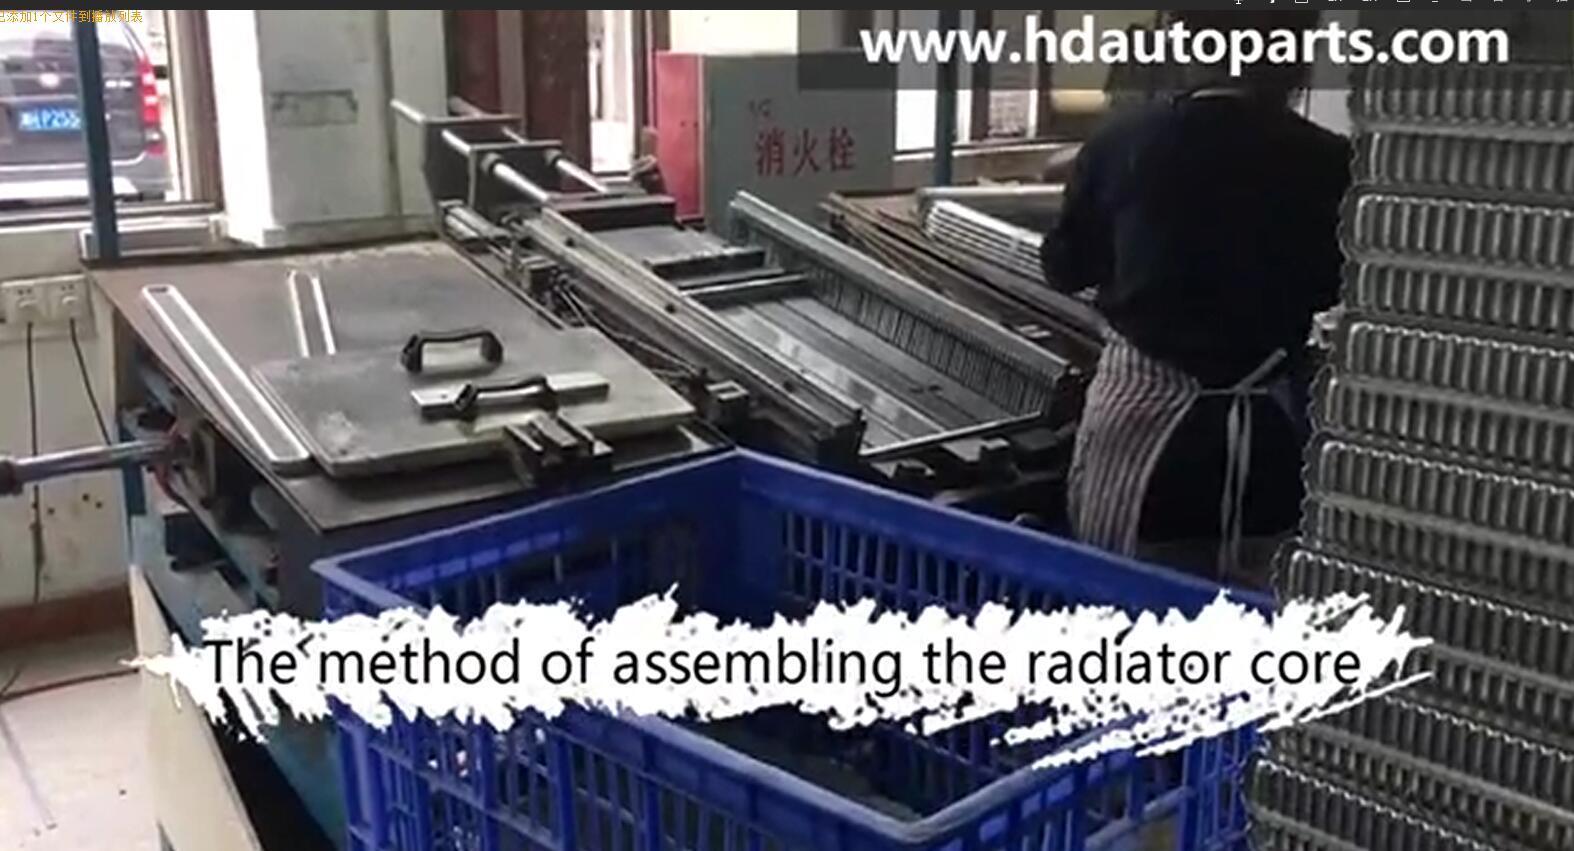 assemble a radiator core